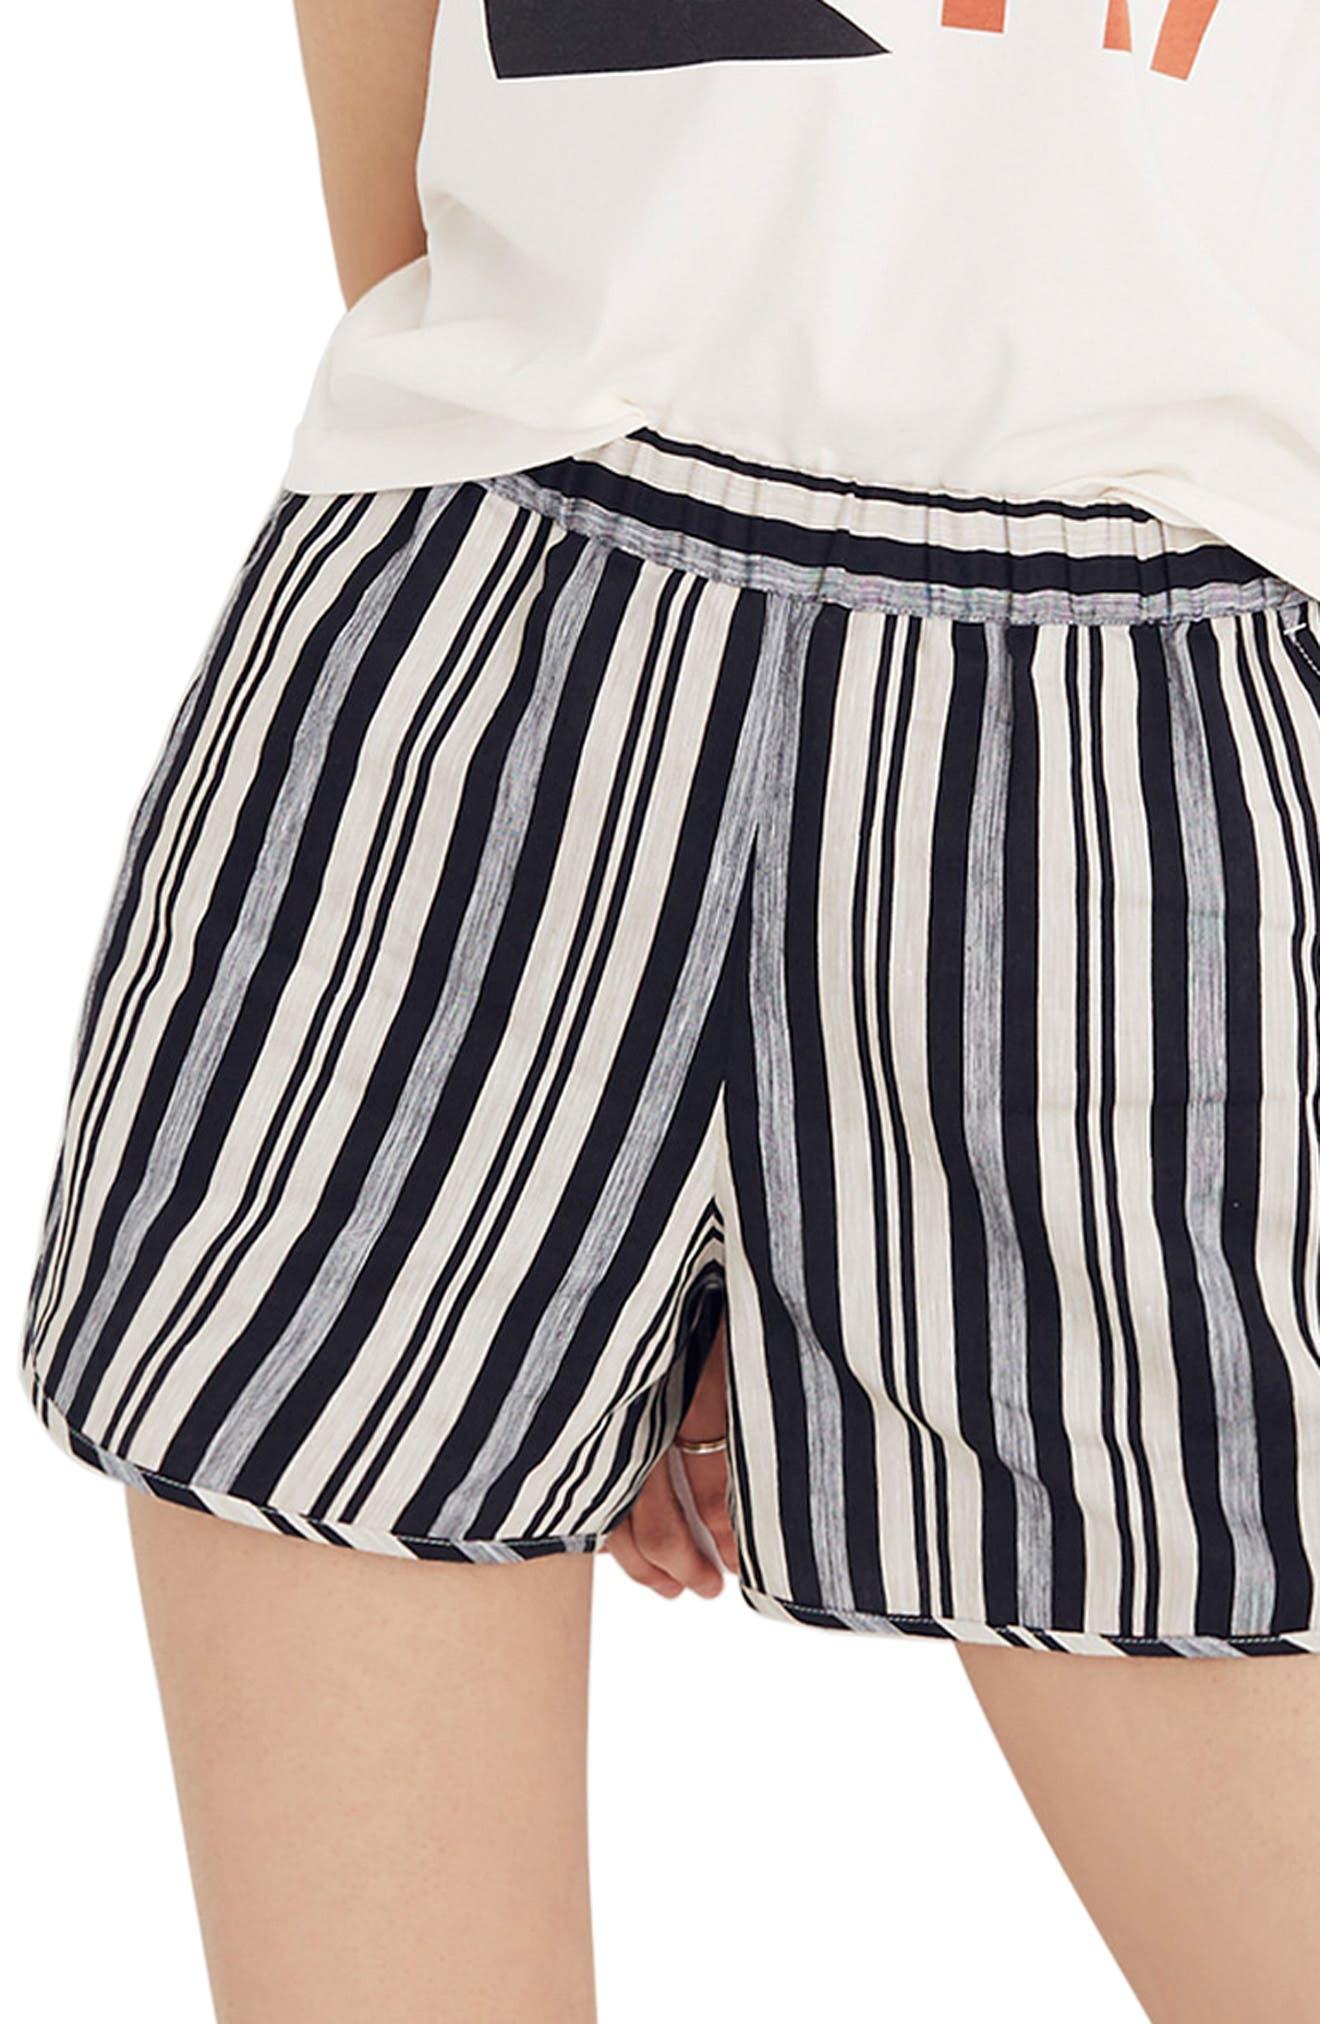 Stripe Pull-On Shorts,                             Main thumbnail 1, color,                             STONE